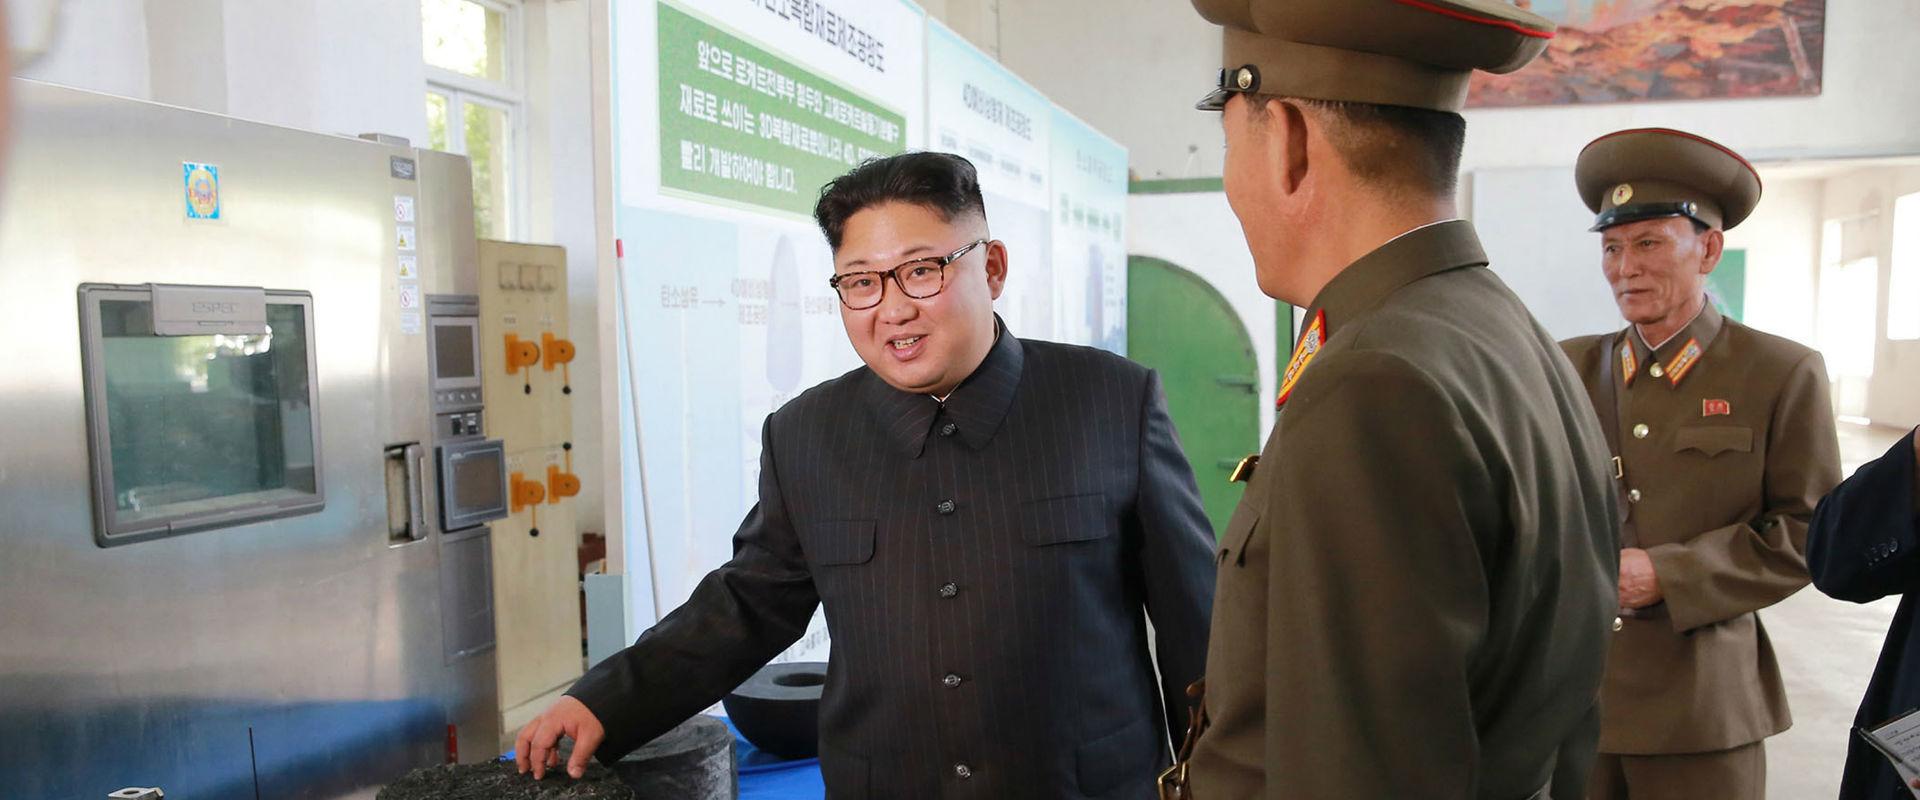 שליט קוריאה הצפונית קים ג'ונג און